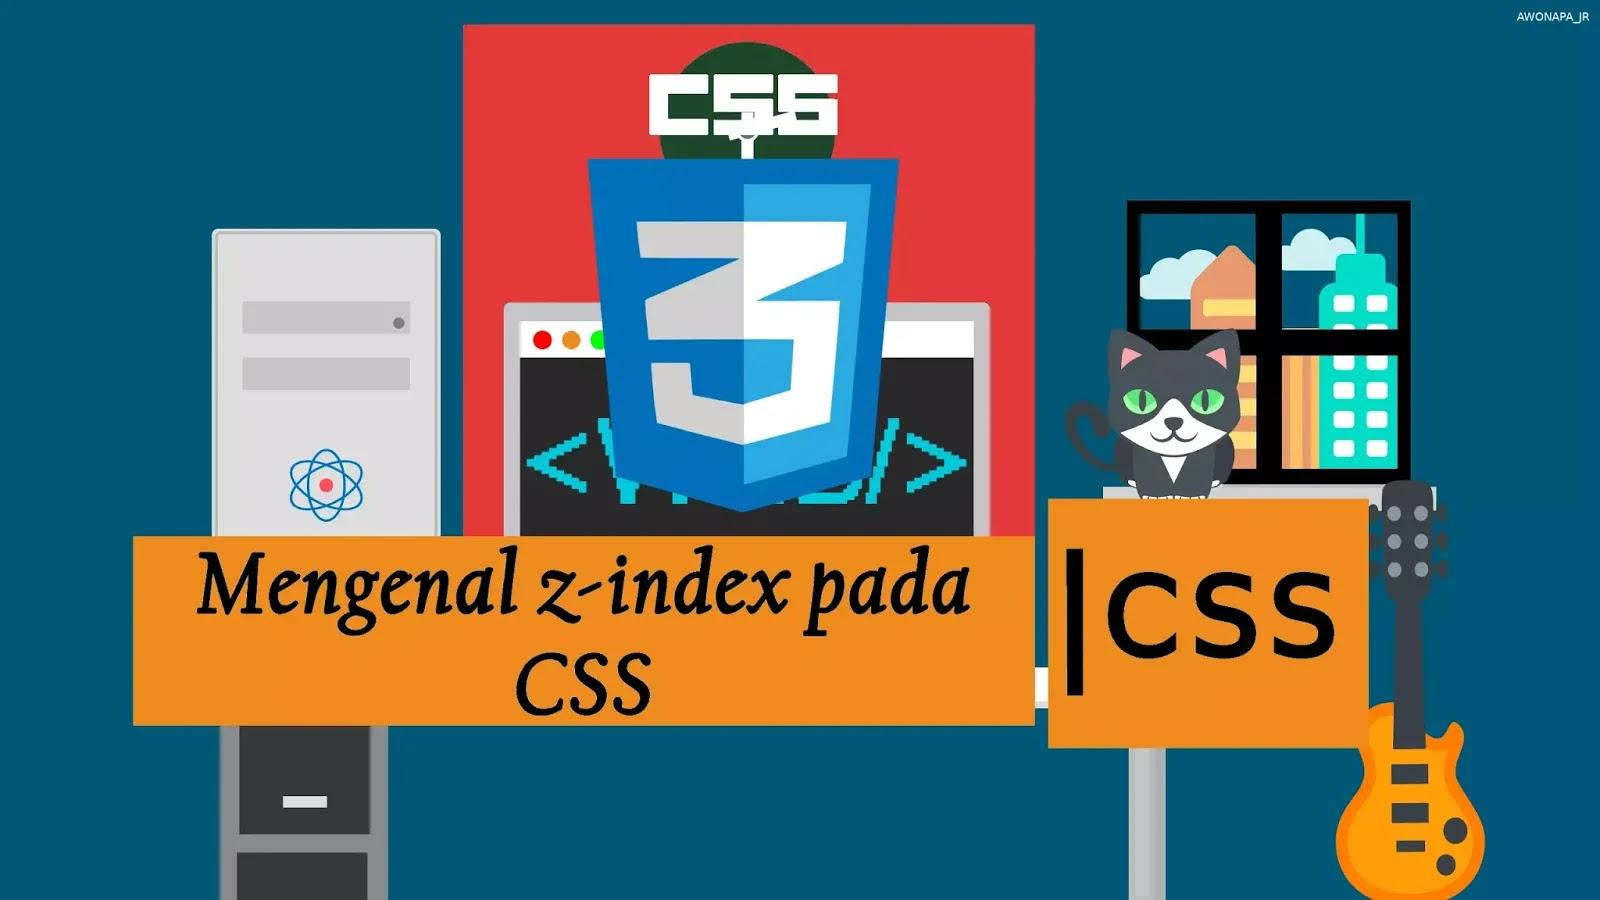 Belajar Css Mengenal Z Index Pada Css Awonapa Jr Situs Belajar Membuat Website